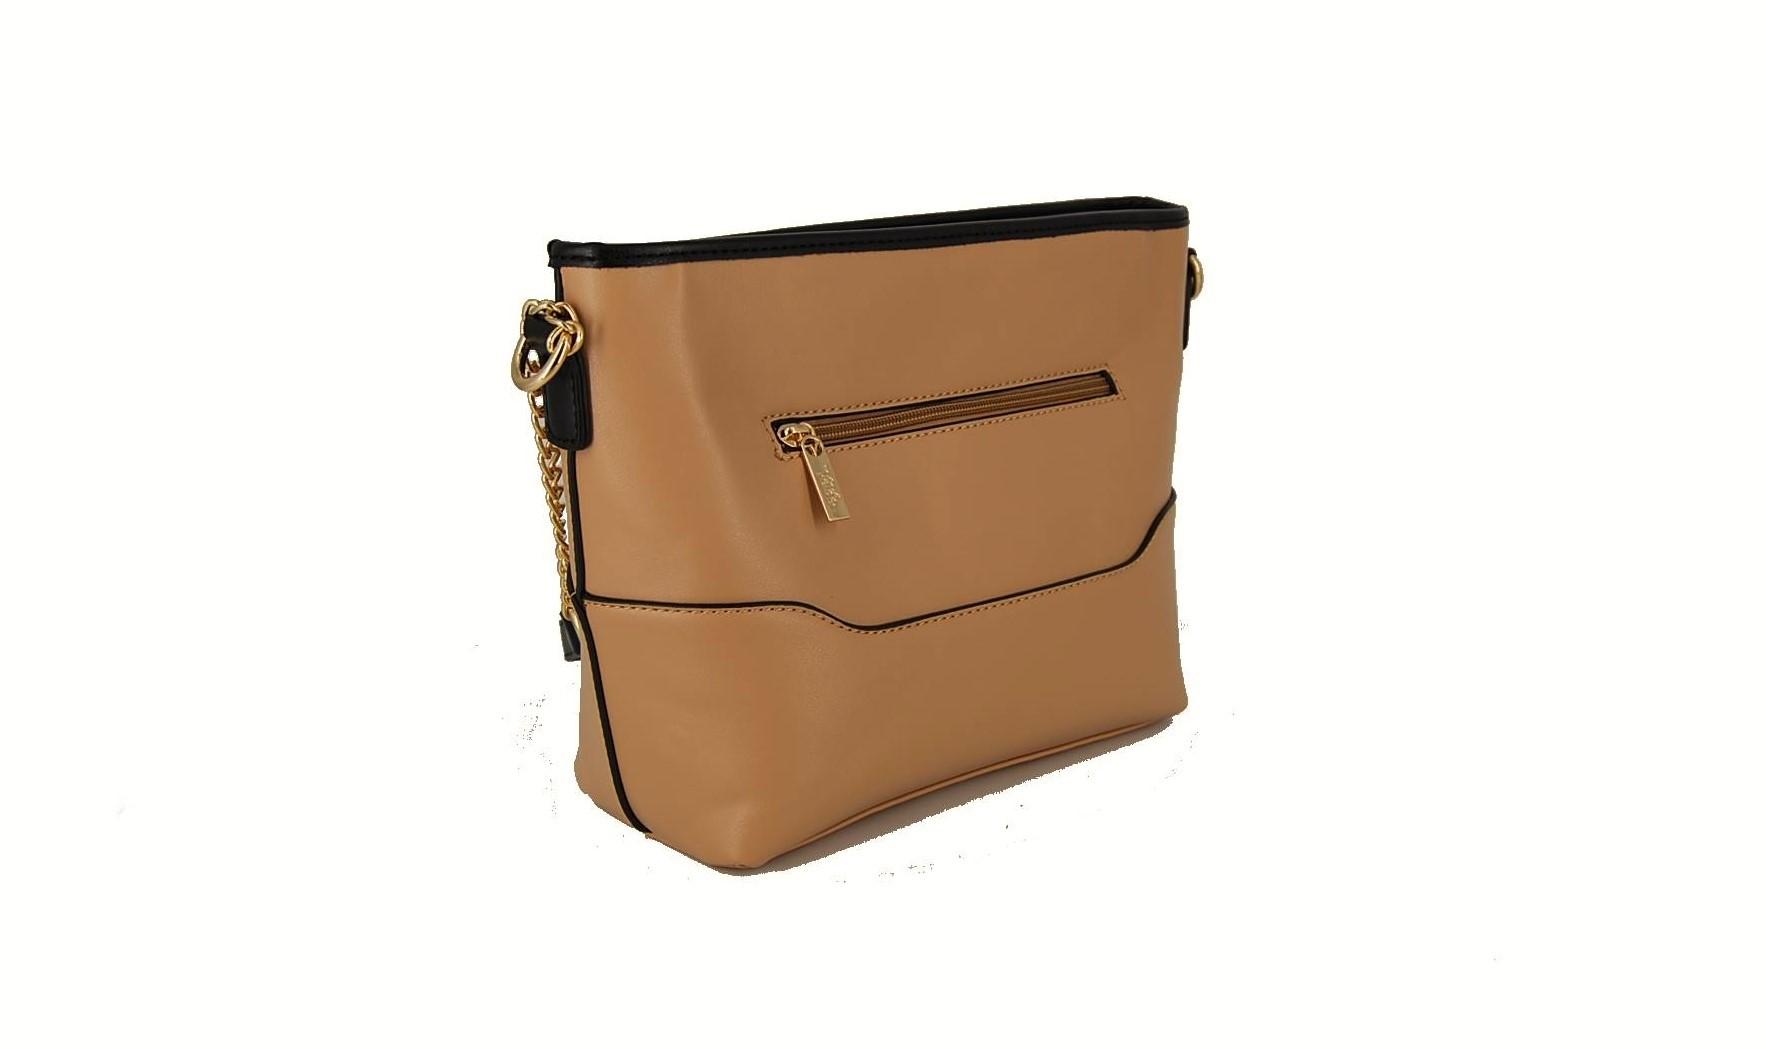 d40a75bffe Verde τσάντα γυναικεία χιαστί